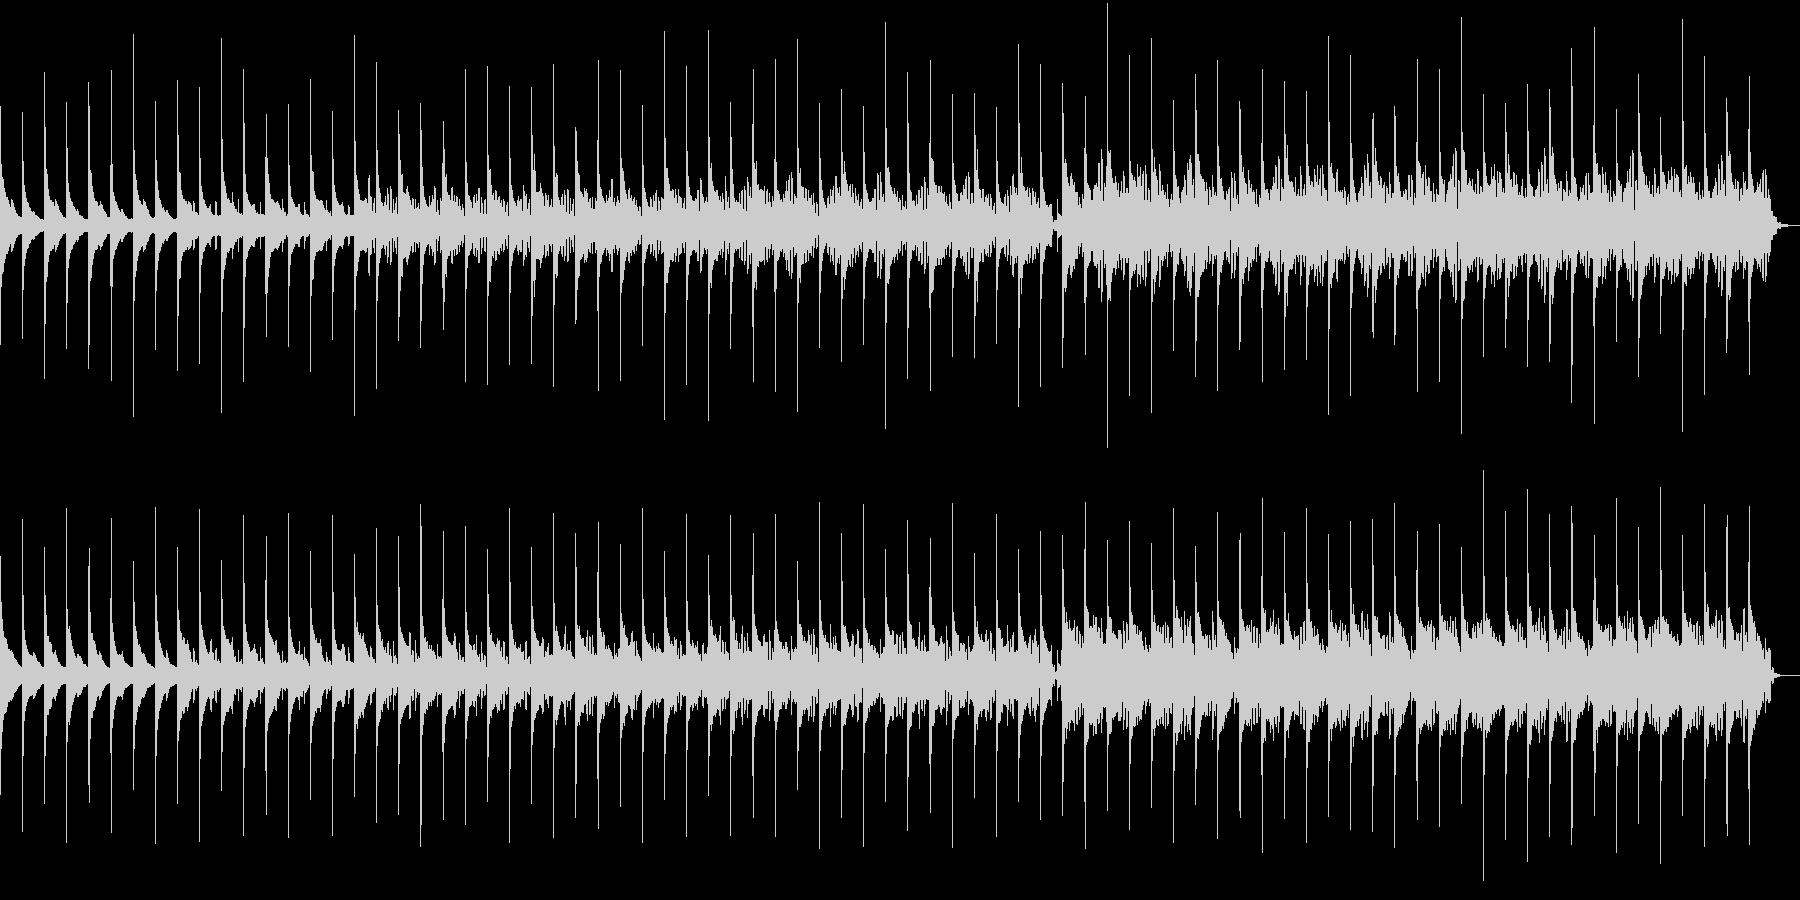 リズムが時を刻む静かなエレクトロニカの未再生の波形